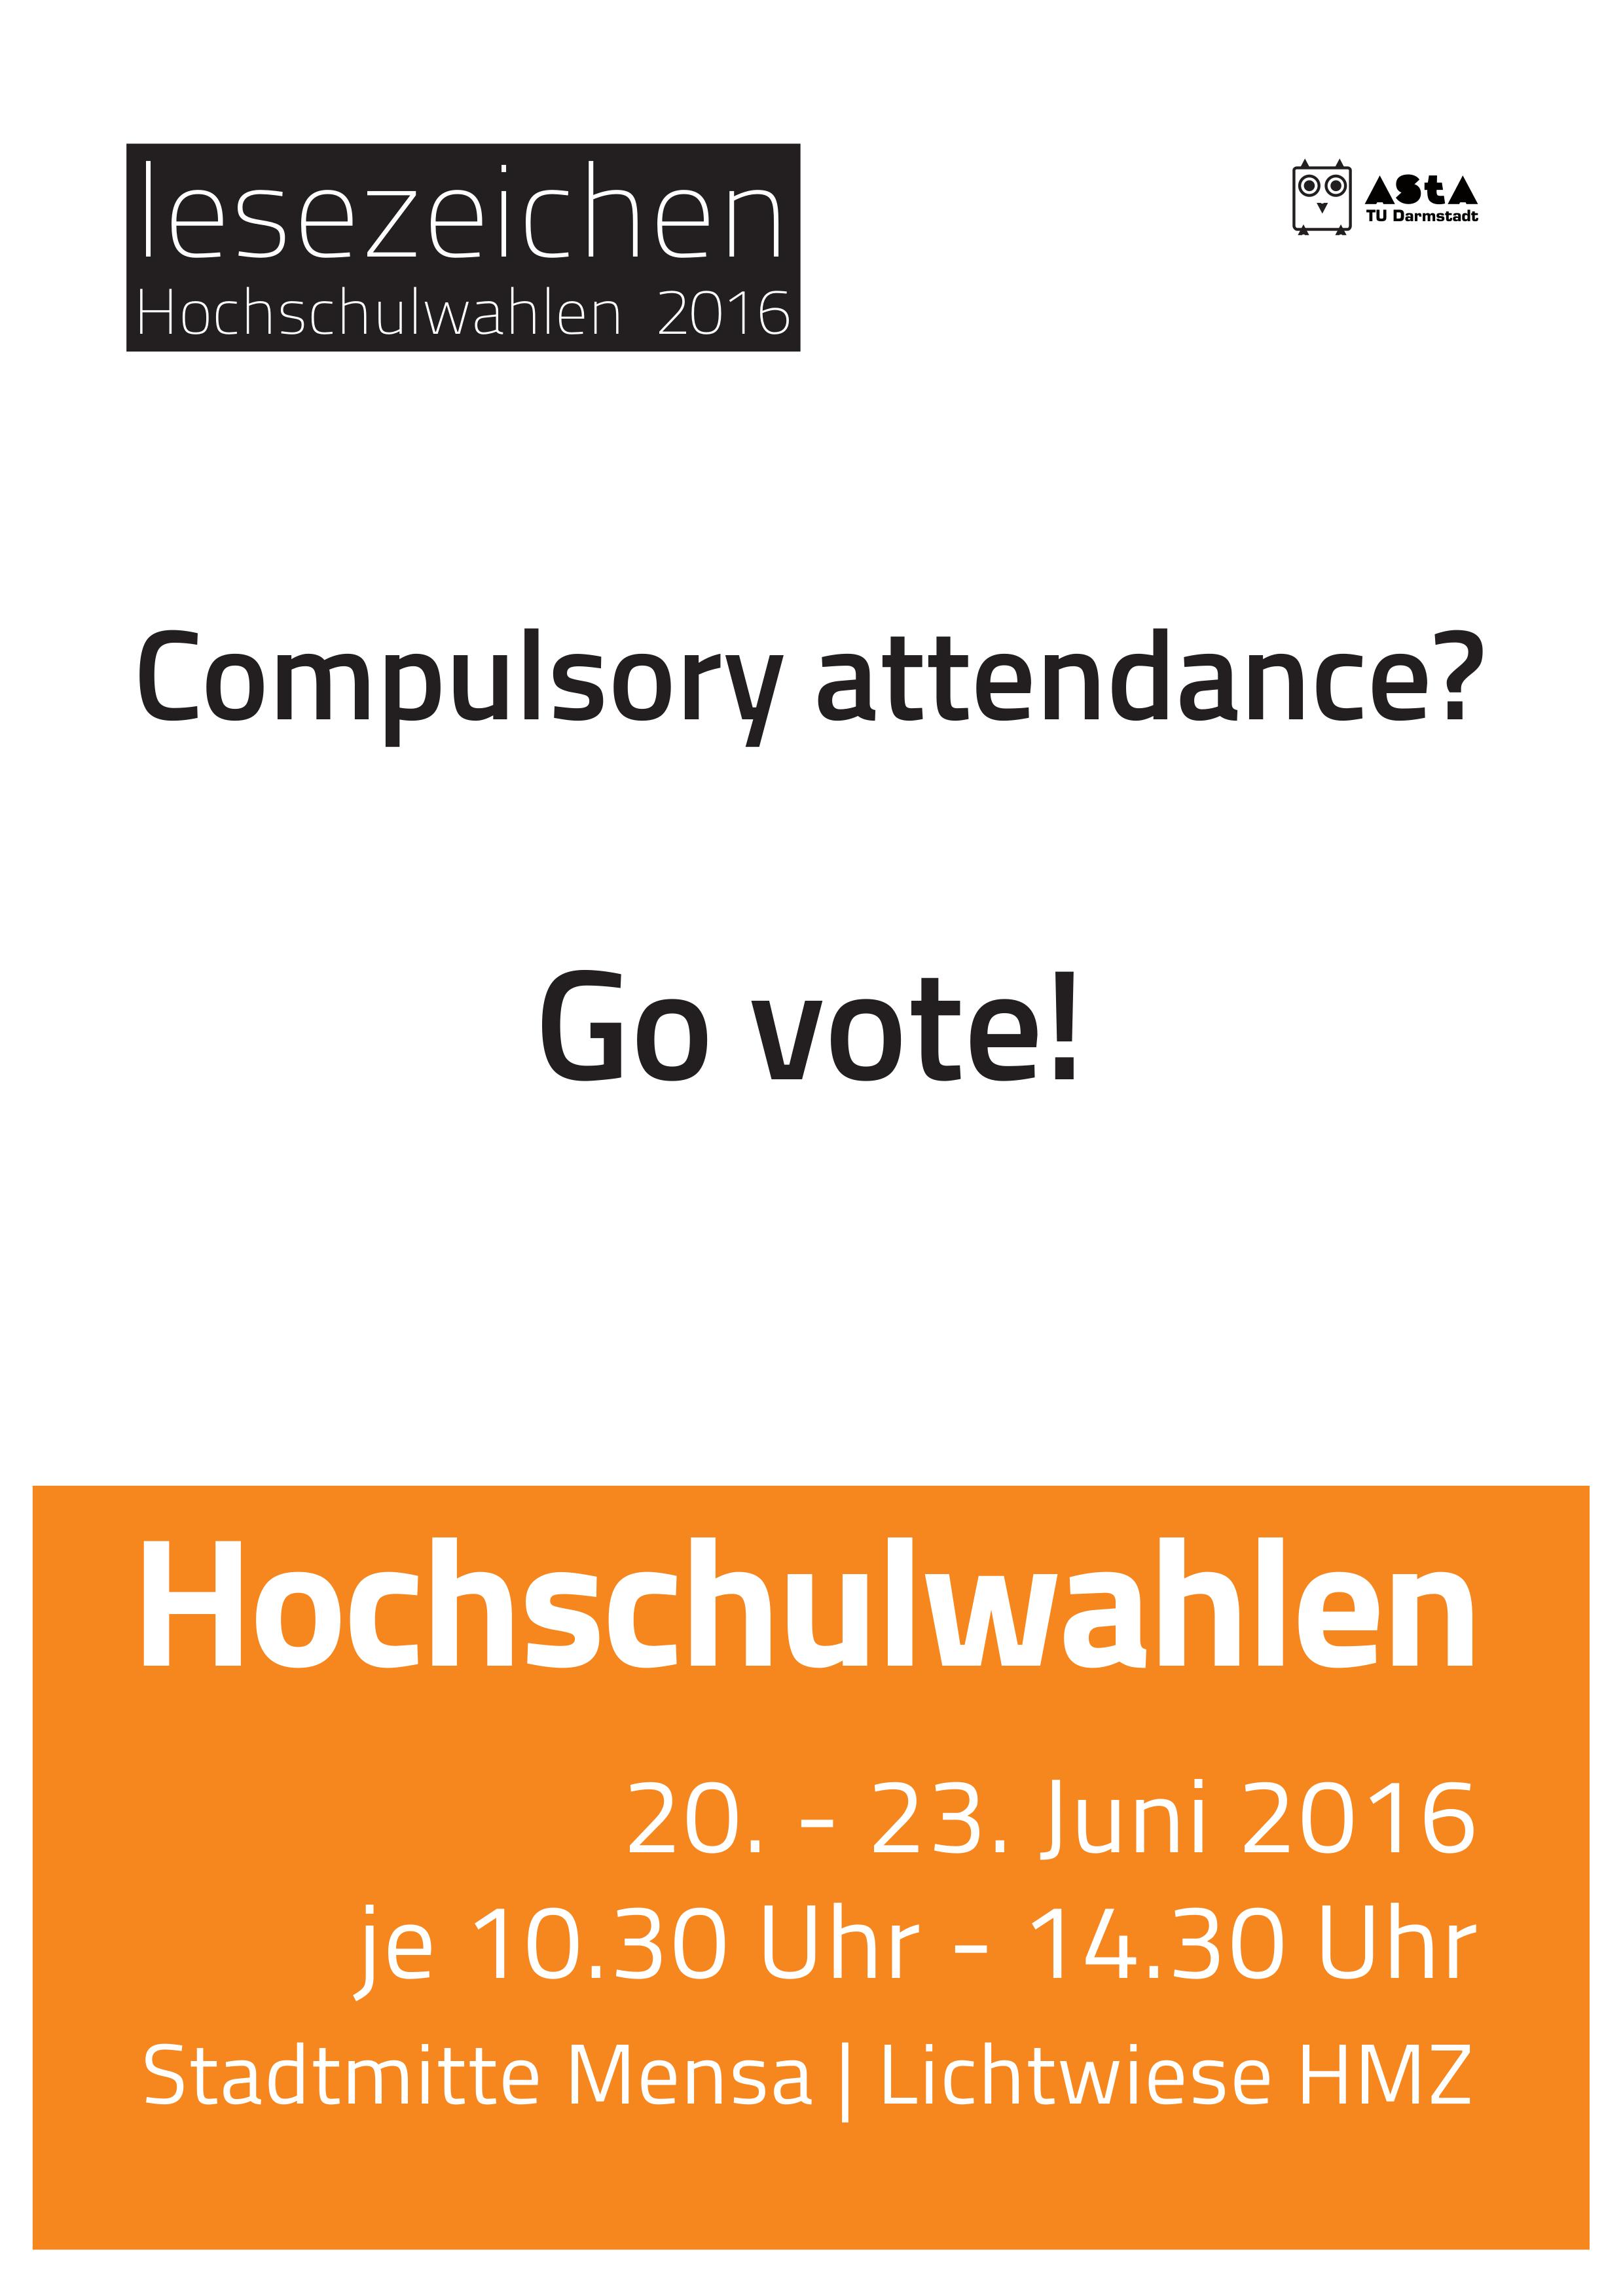 lesezeichen Hochschulwahlen 2016